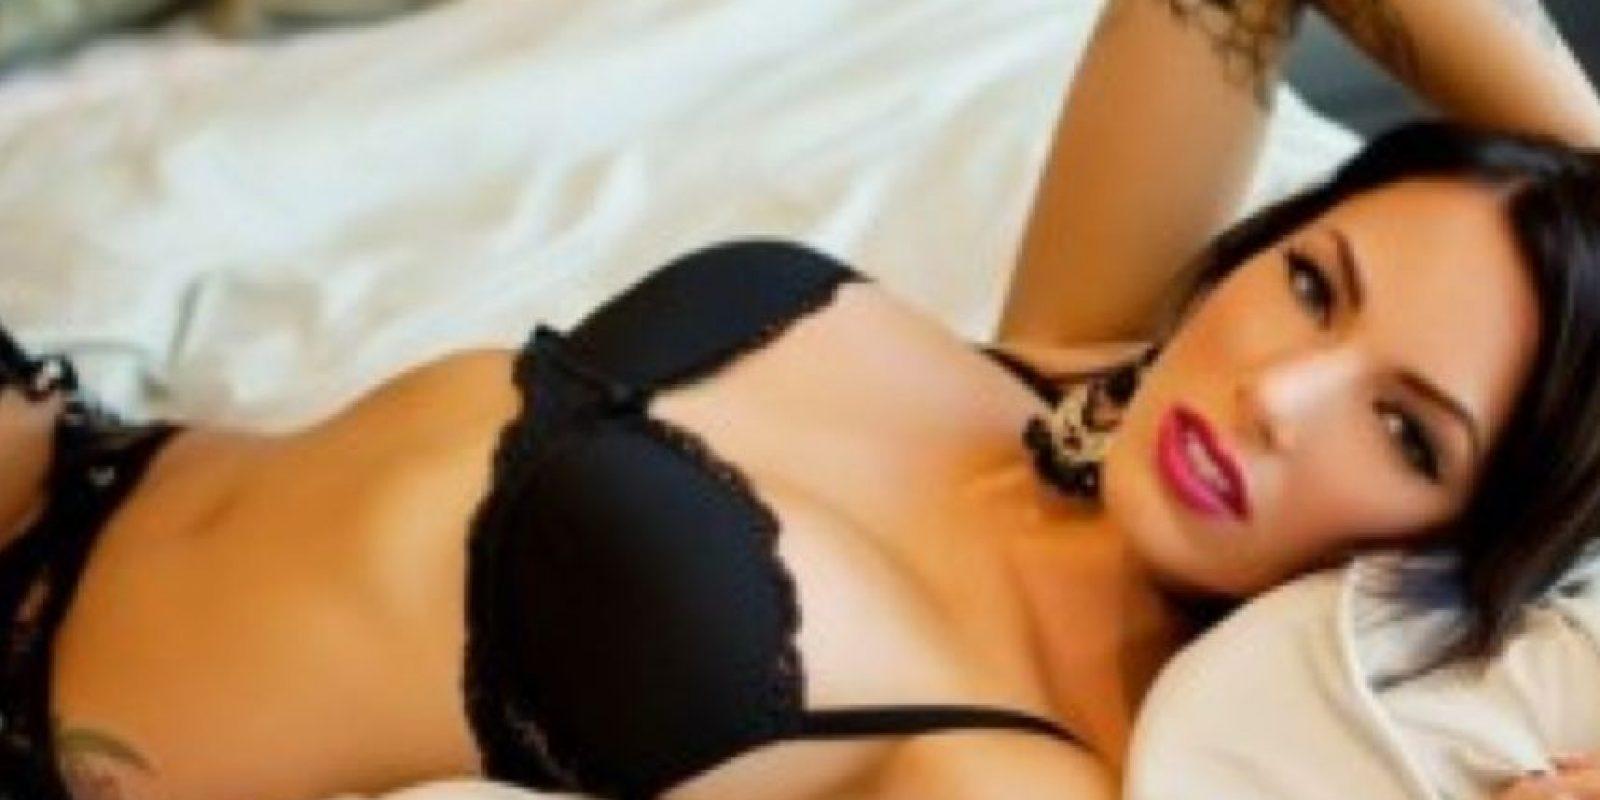 Juelz Ventura es una actriz porno brasilera radicada en Estados Unidos. Foto:vía Brazzers